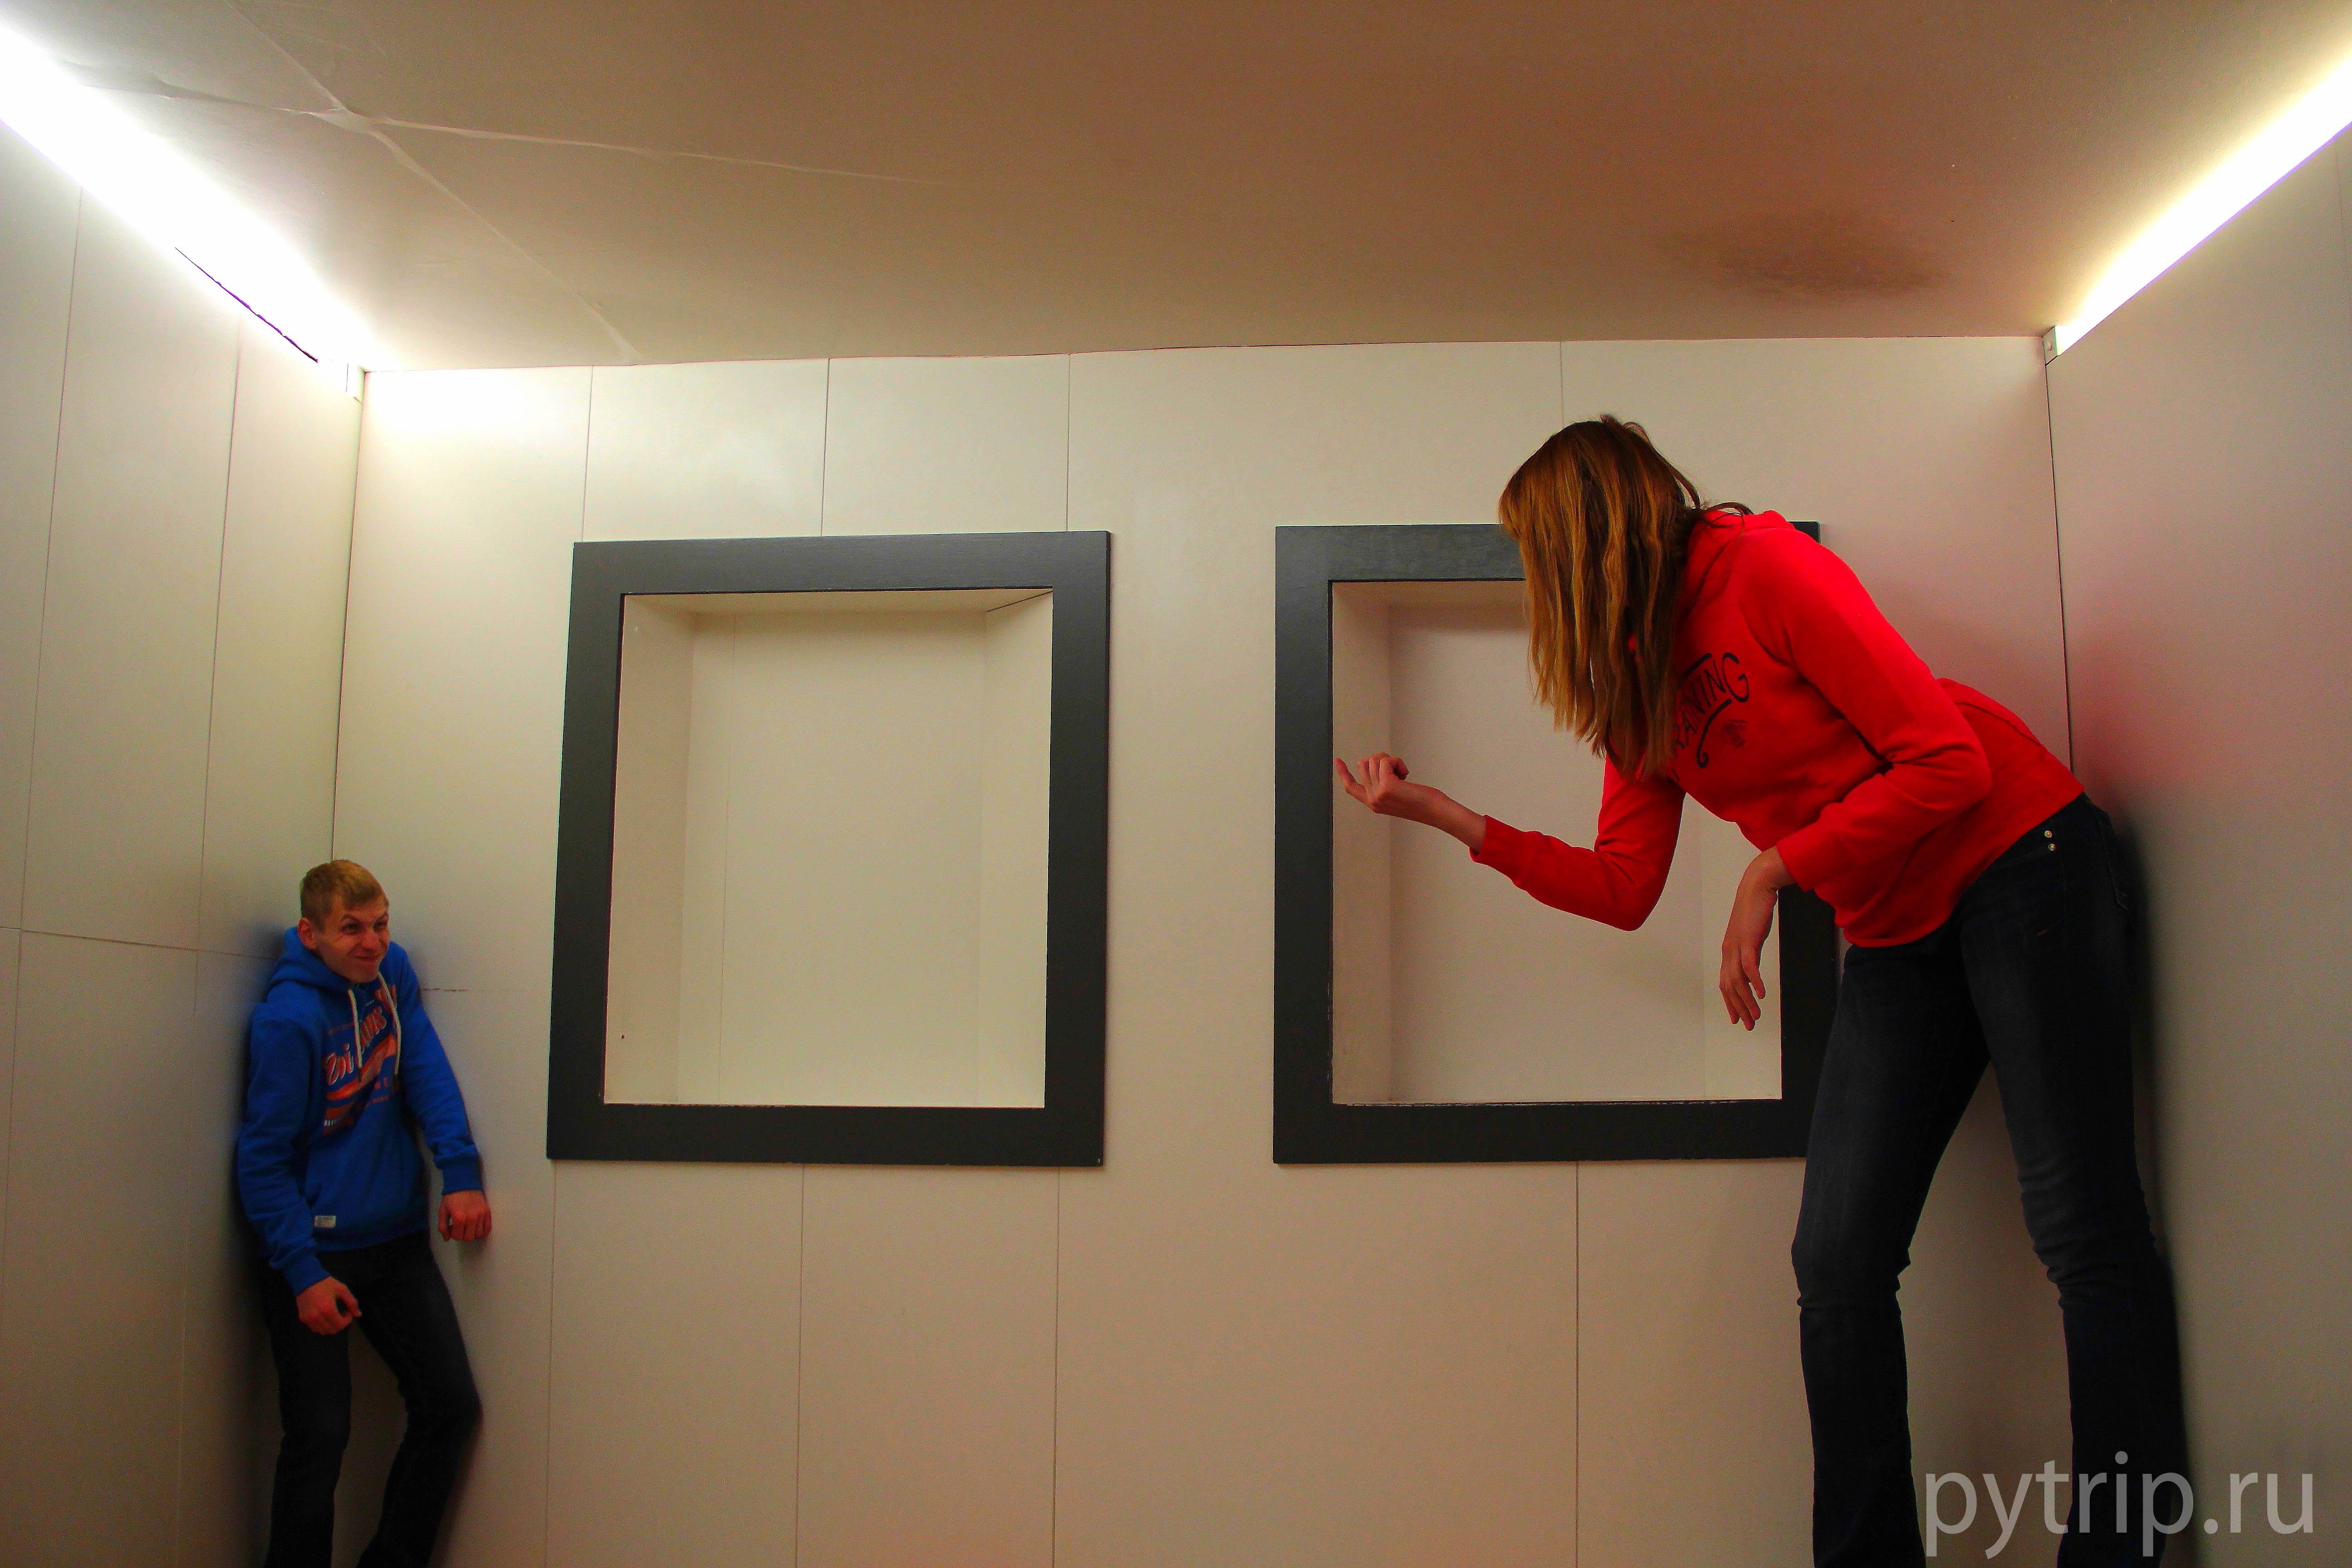 камера обскура и музей иллюзий